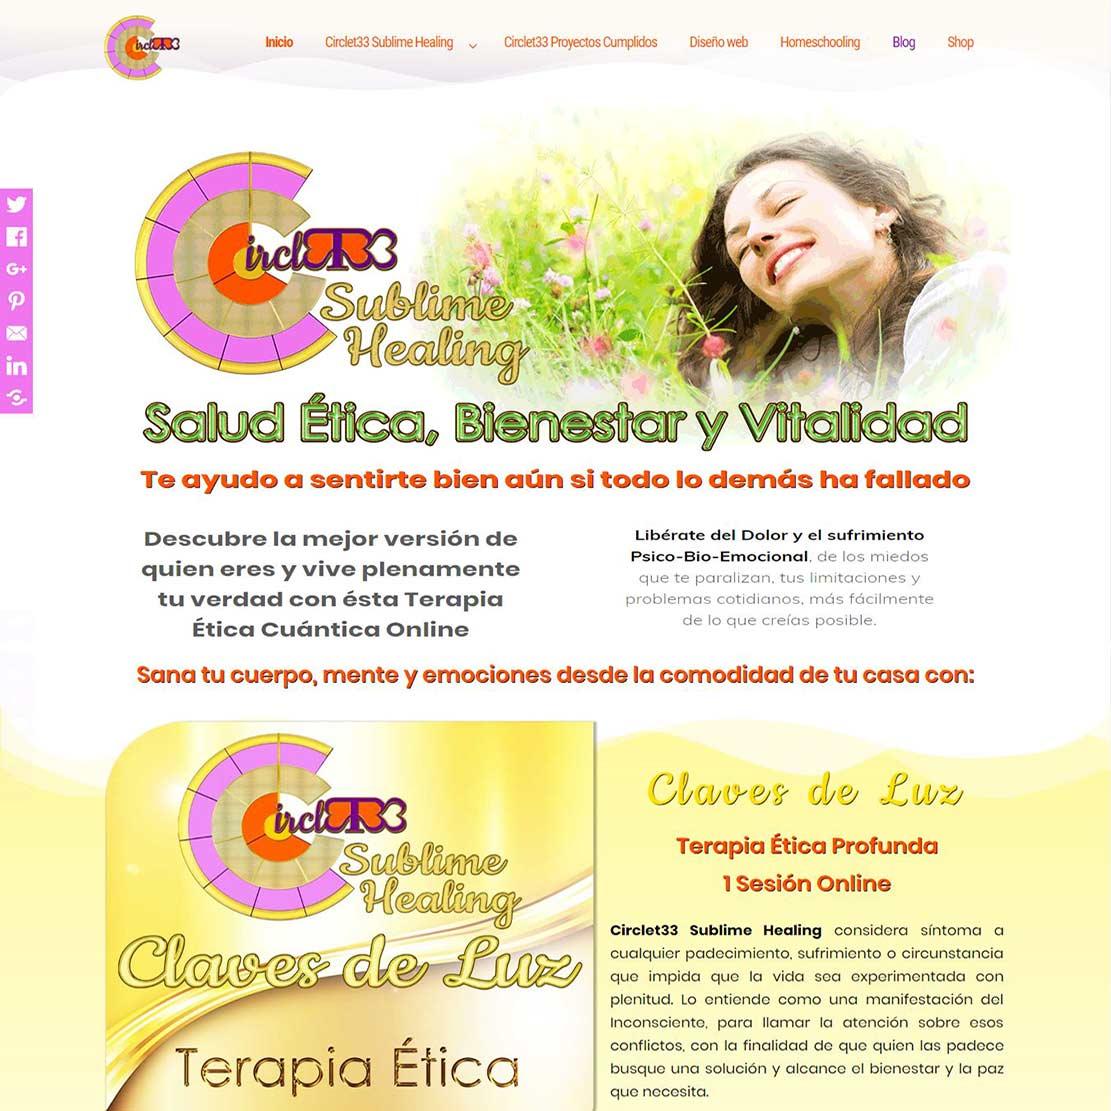 Circlet33-Sublime-Healing.-Salud-Ética, Bienestar-y-Vitalidad